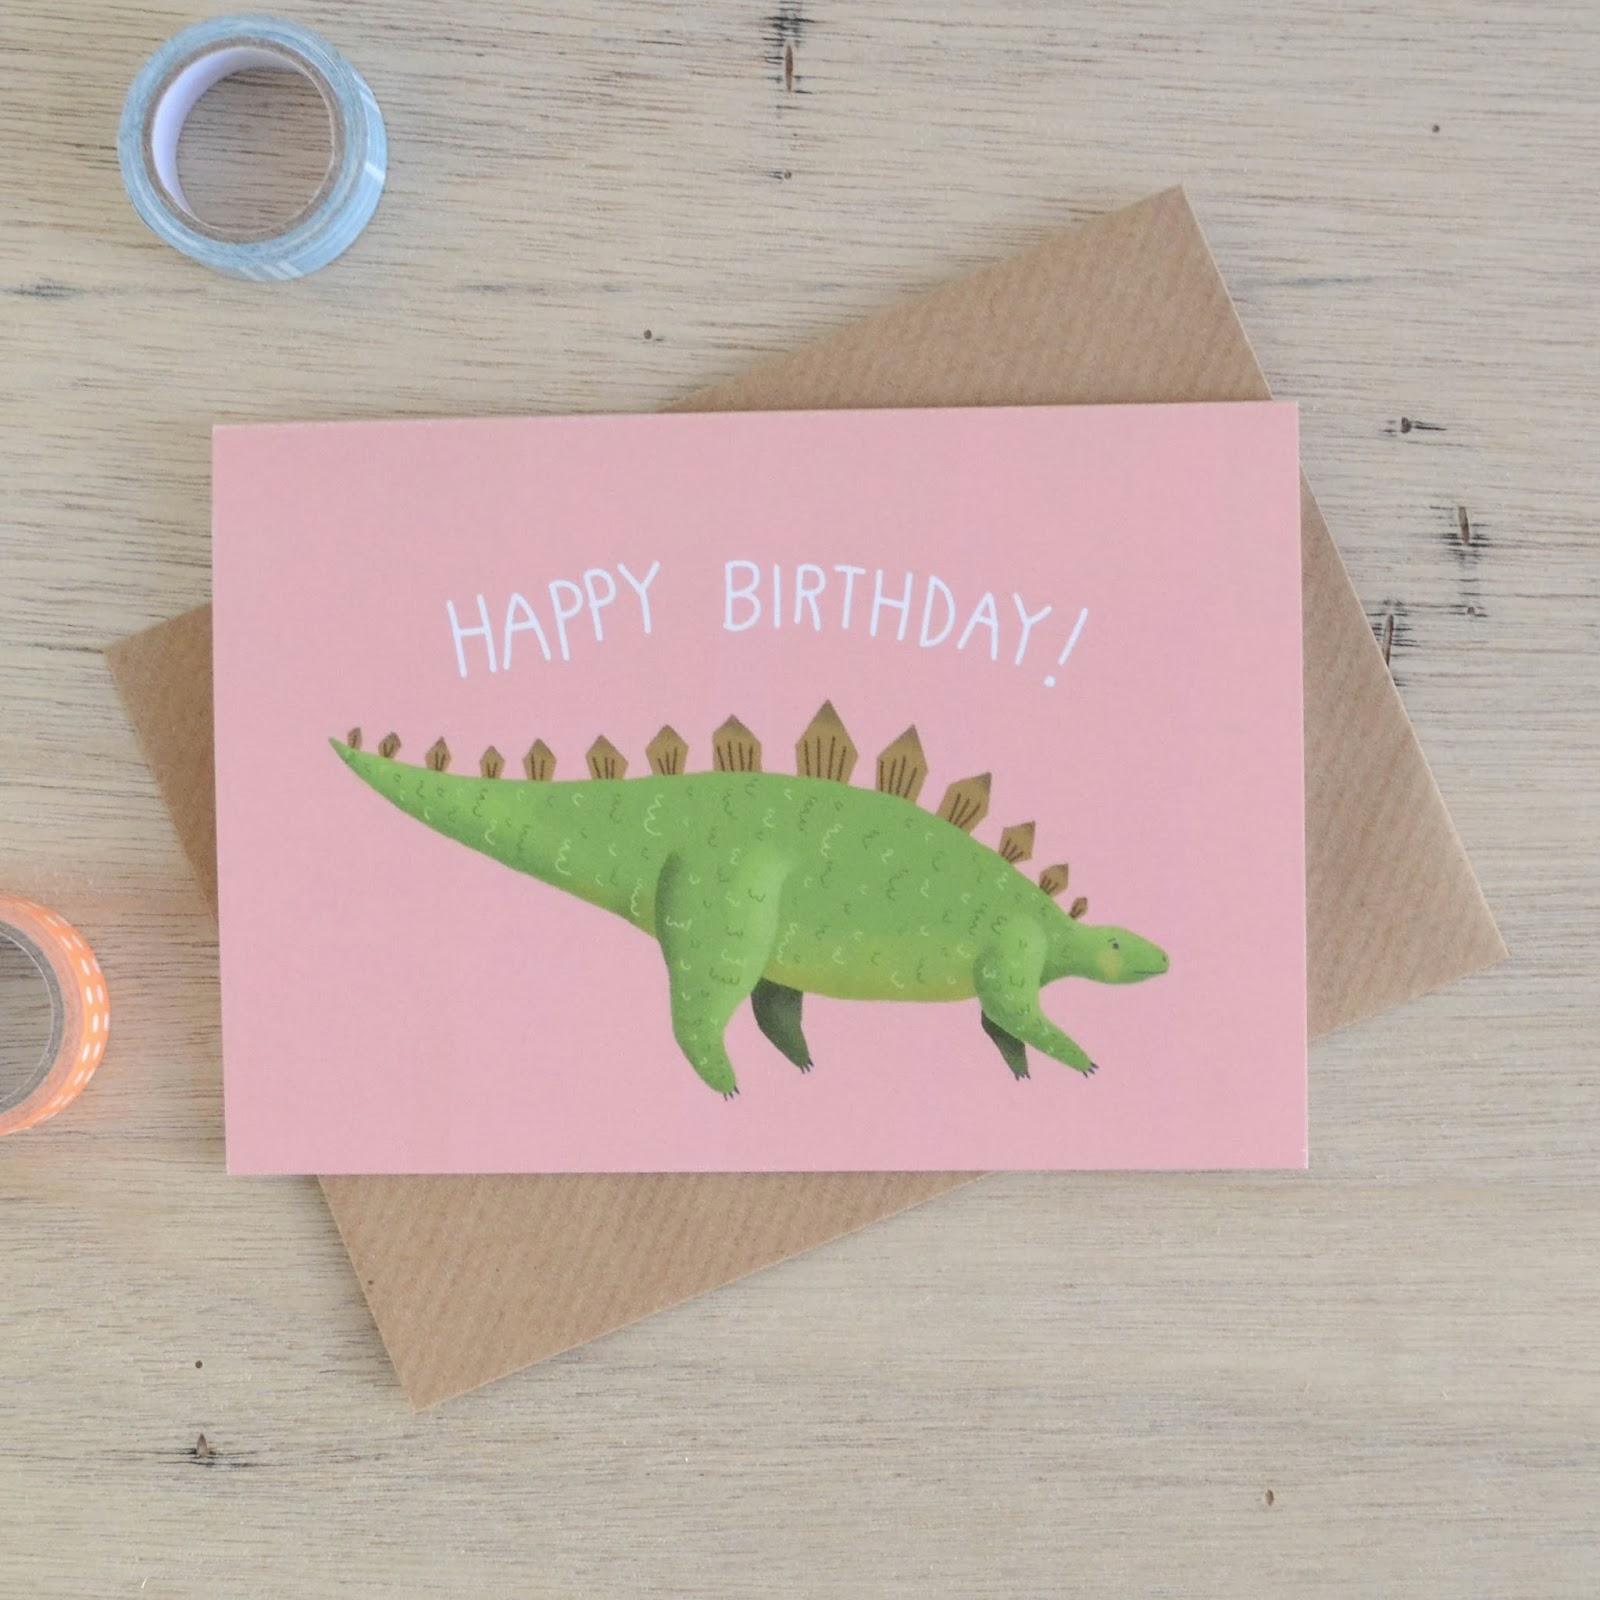 http://folksy.com/items/5725571-Stegosaurus-Birthday-Card